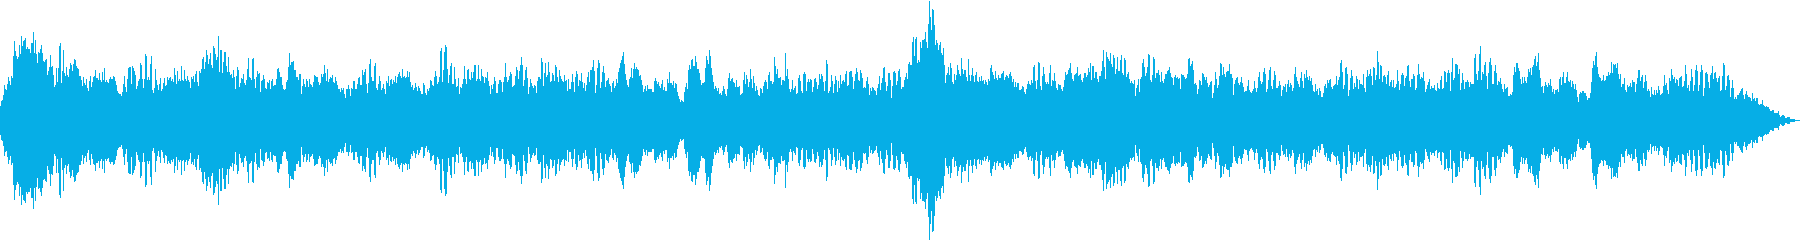 熟睡 宇宙 浮遊 プラネタリウム 科学館の再生済みの波形